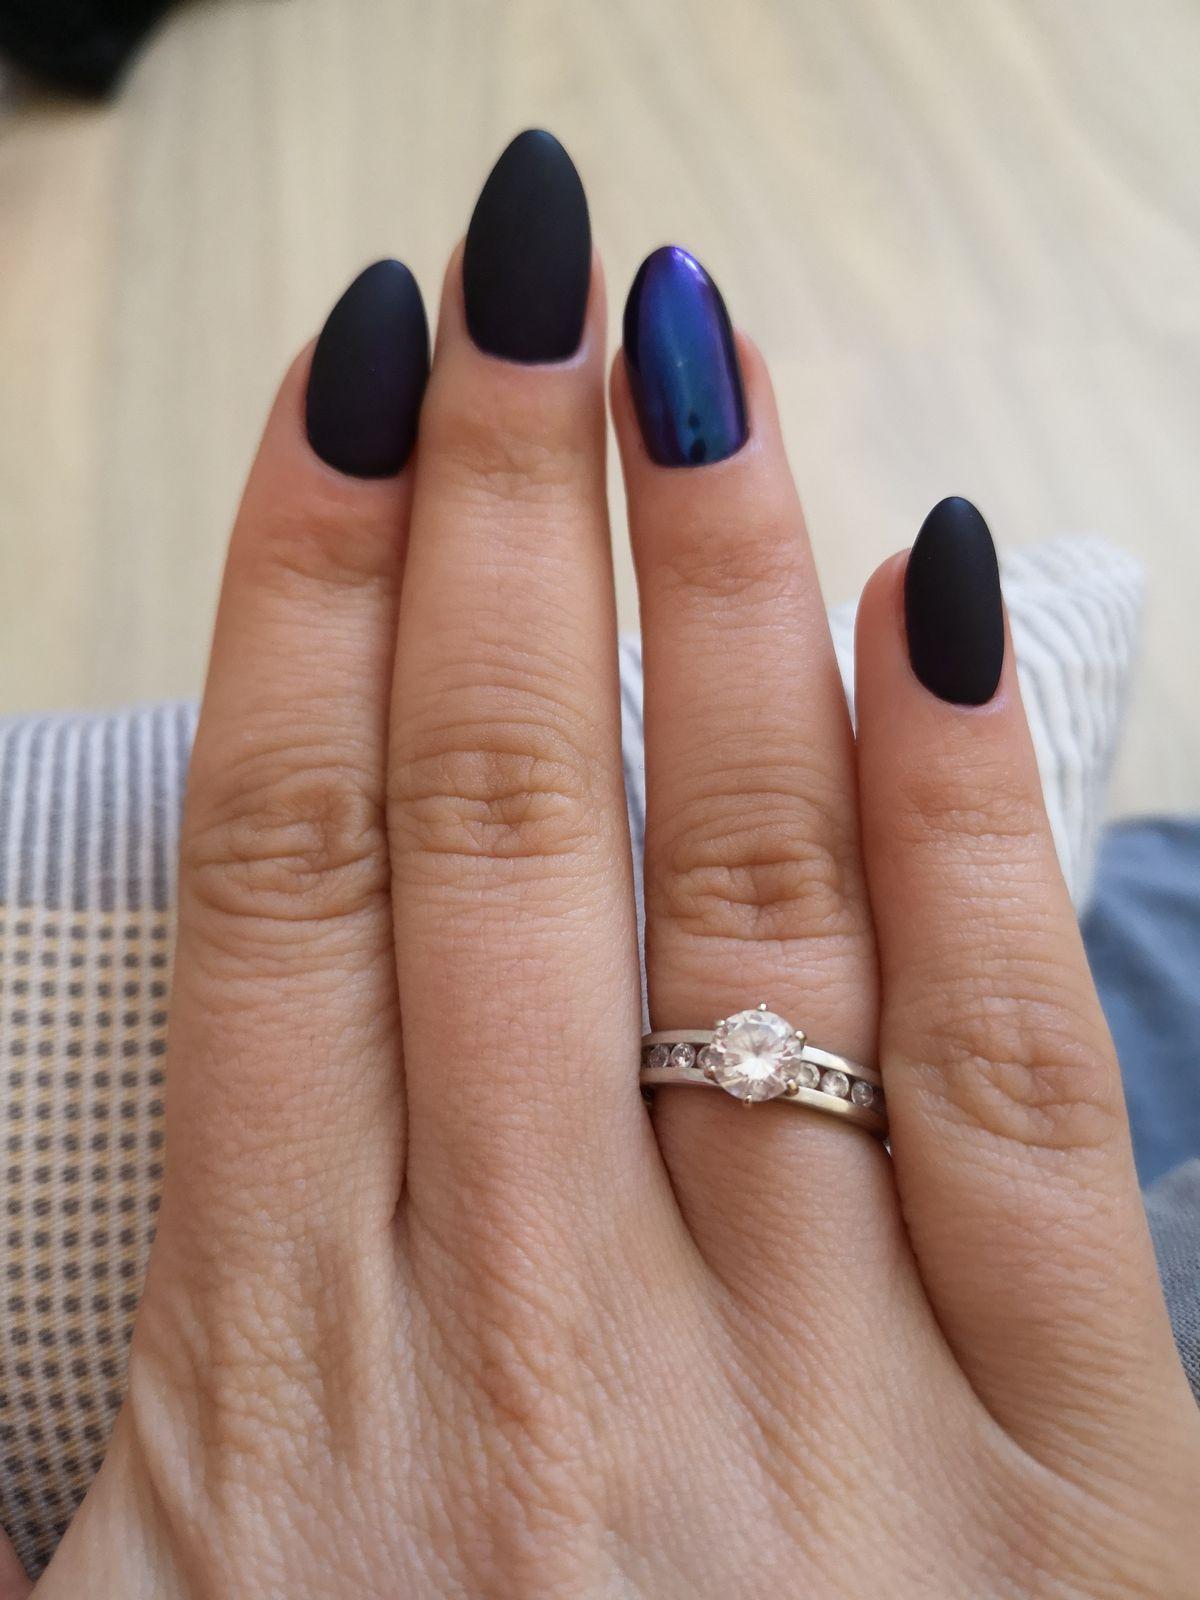 Кольцо супер крутое!